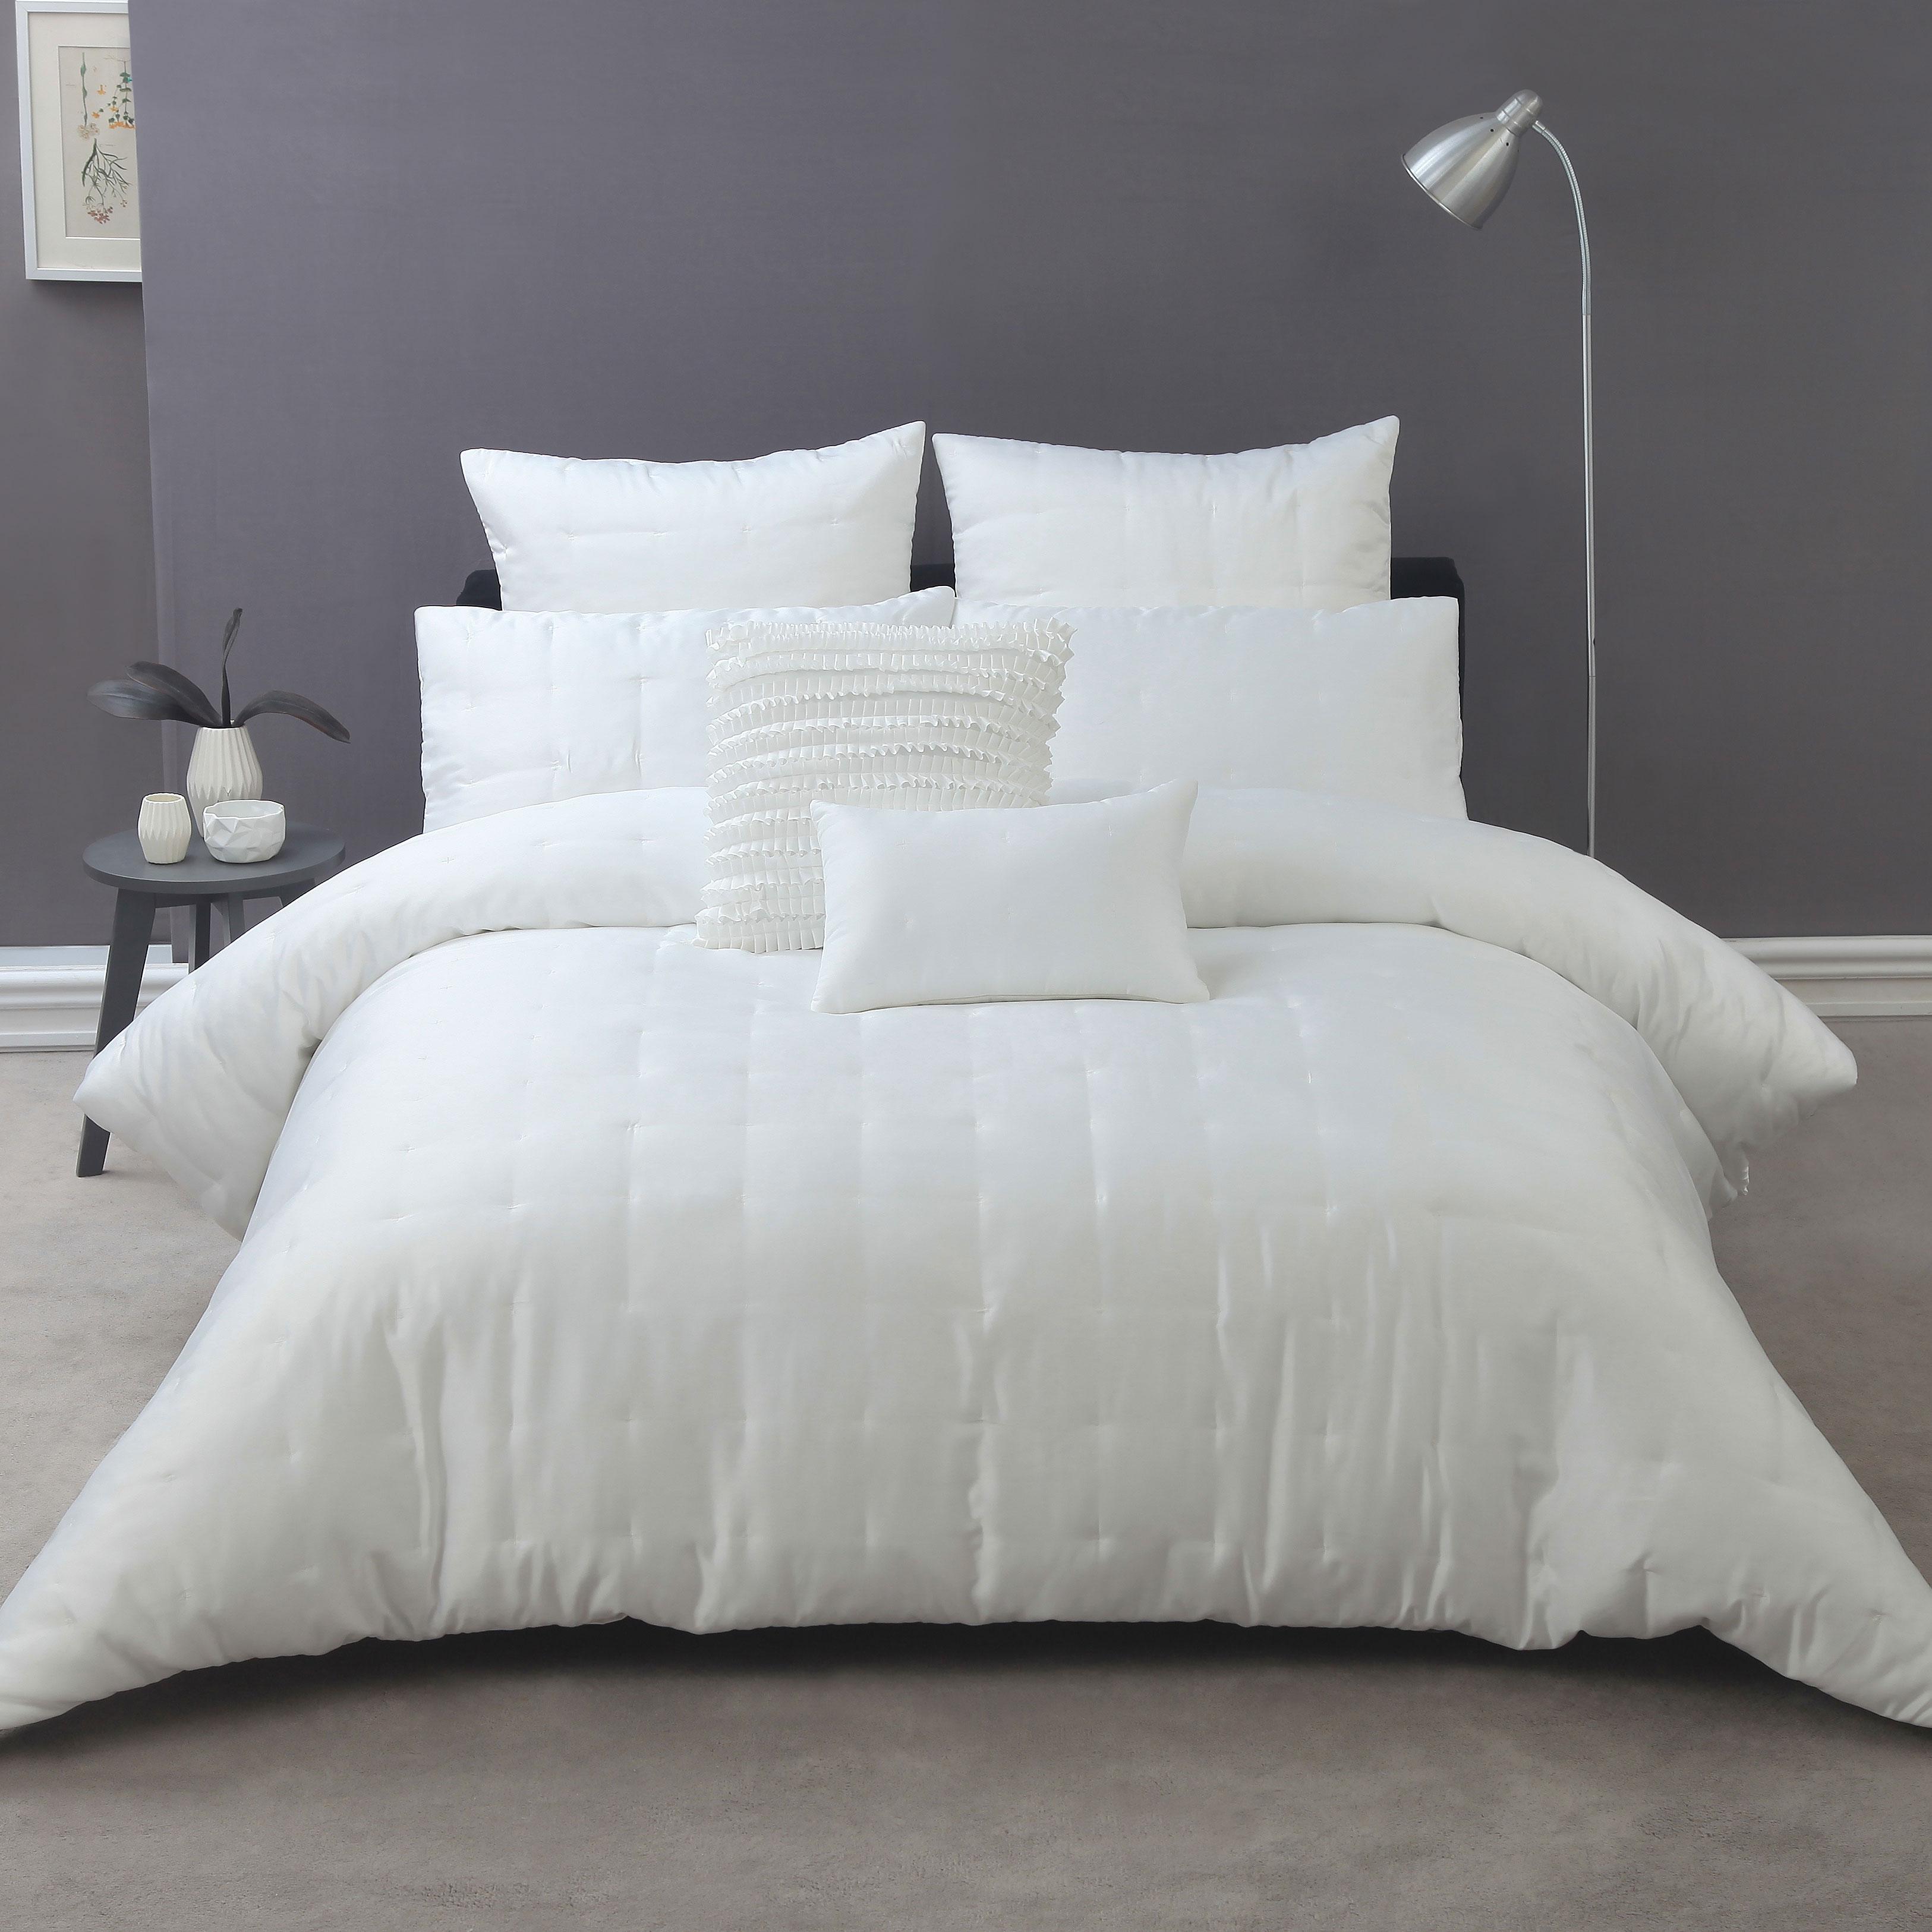 housse de couette motif bouddha latest parure de lit en. Black Bedroom Furniture Sets. Home Design Ideas